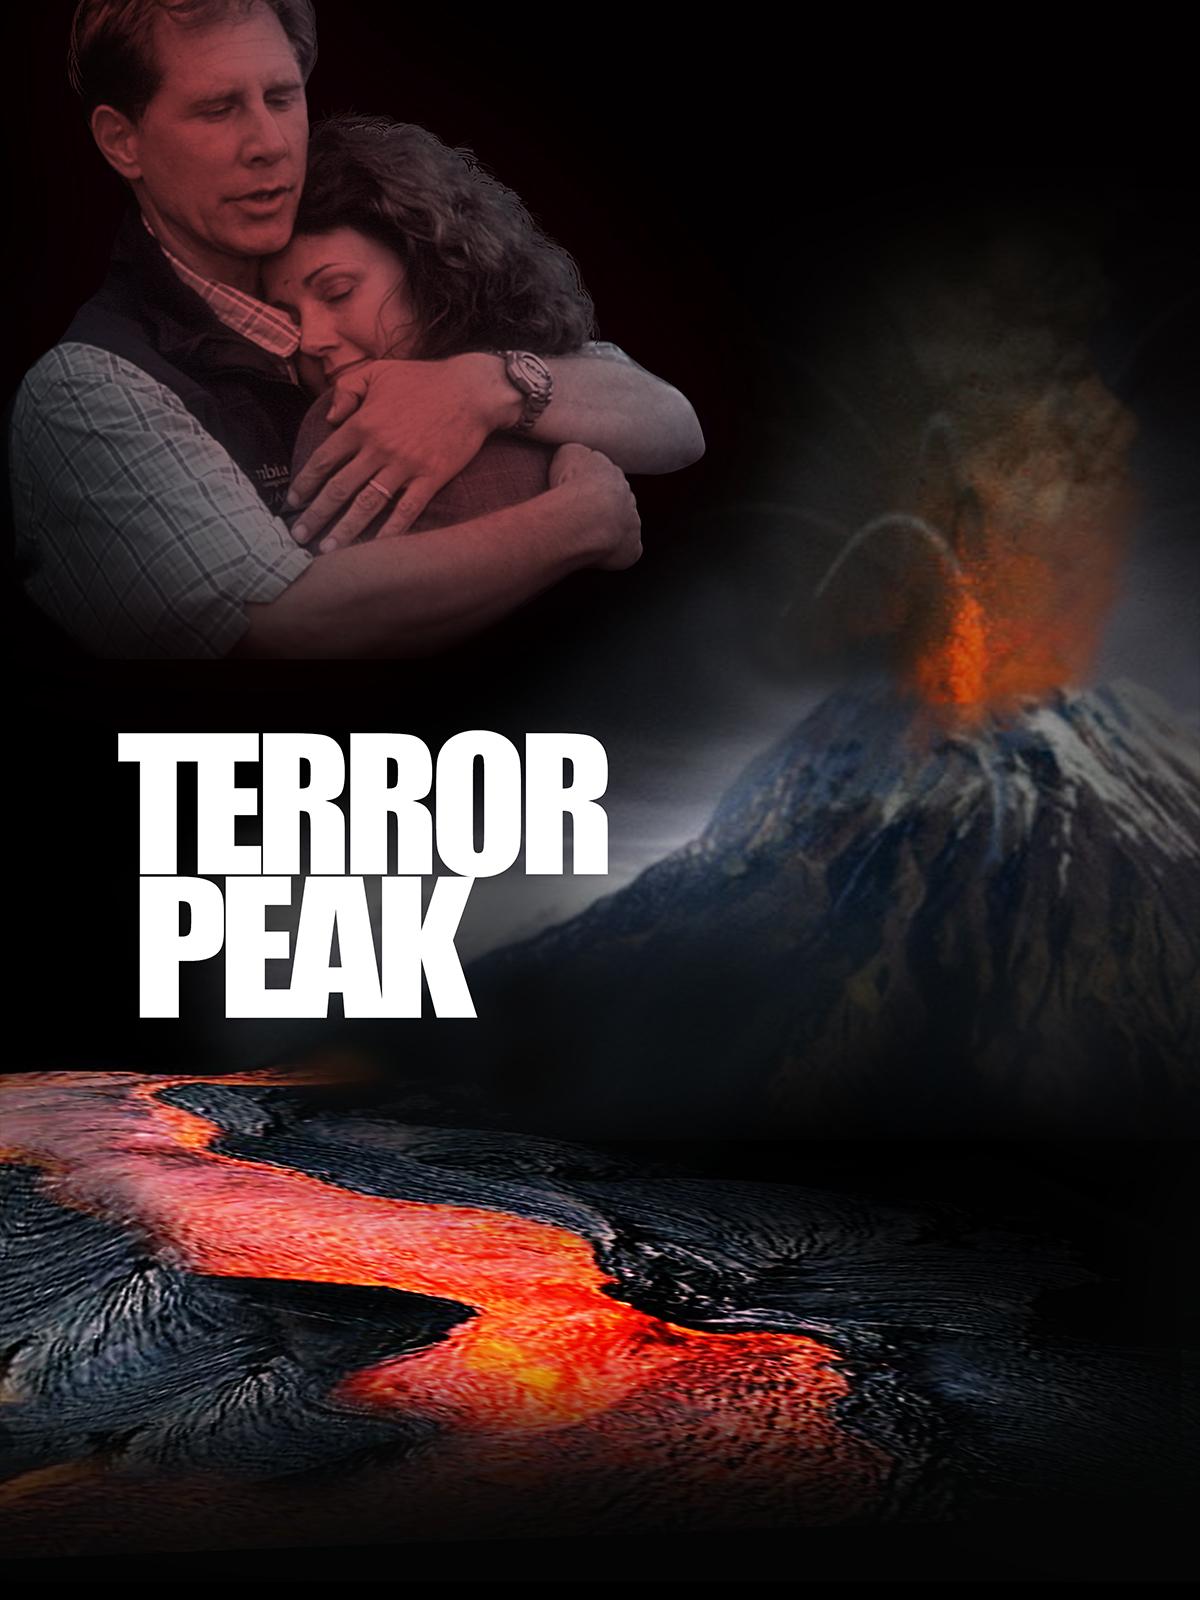 Here-TerrorPeak-Full-Image-en-US.jpg